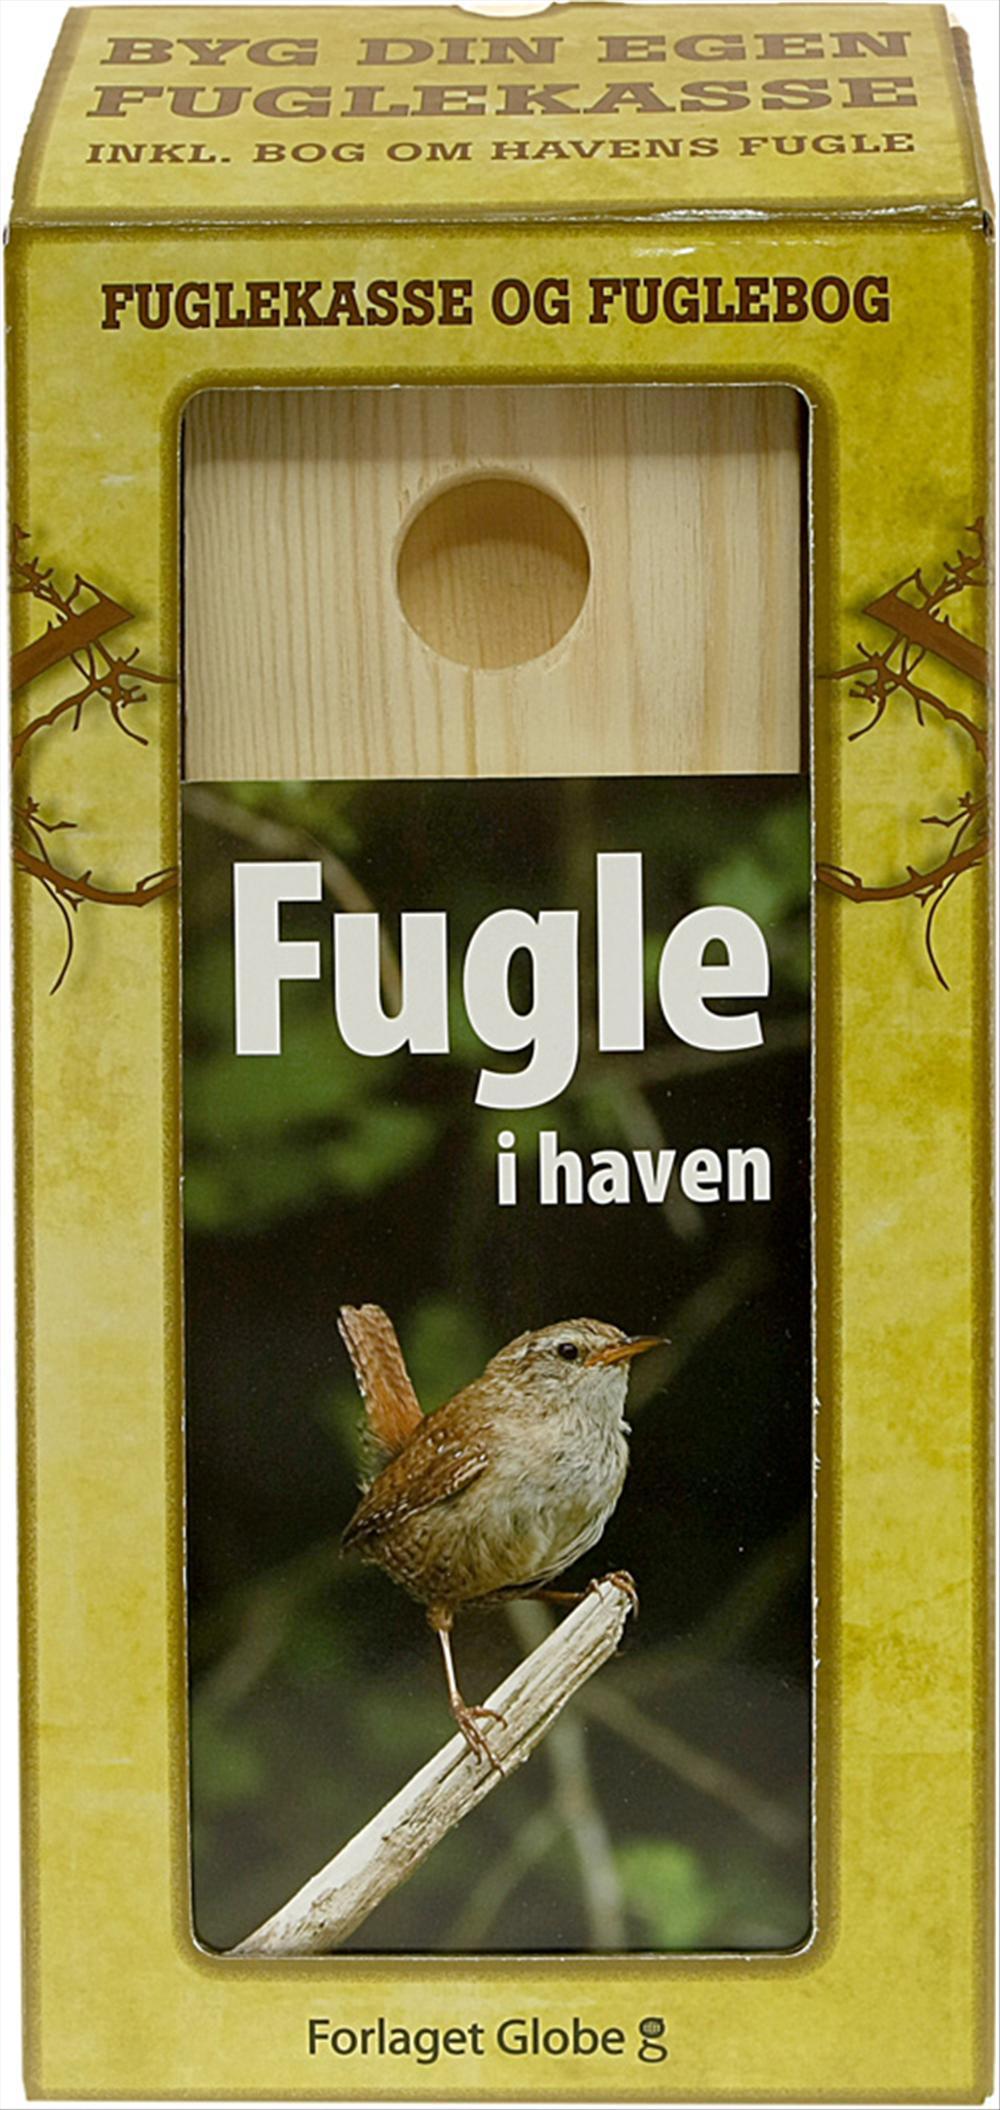 Byg Din Egen Fuglekasse. Fuglekasse og Fuglebog